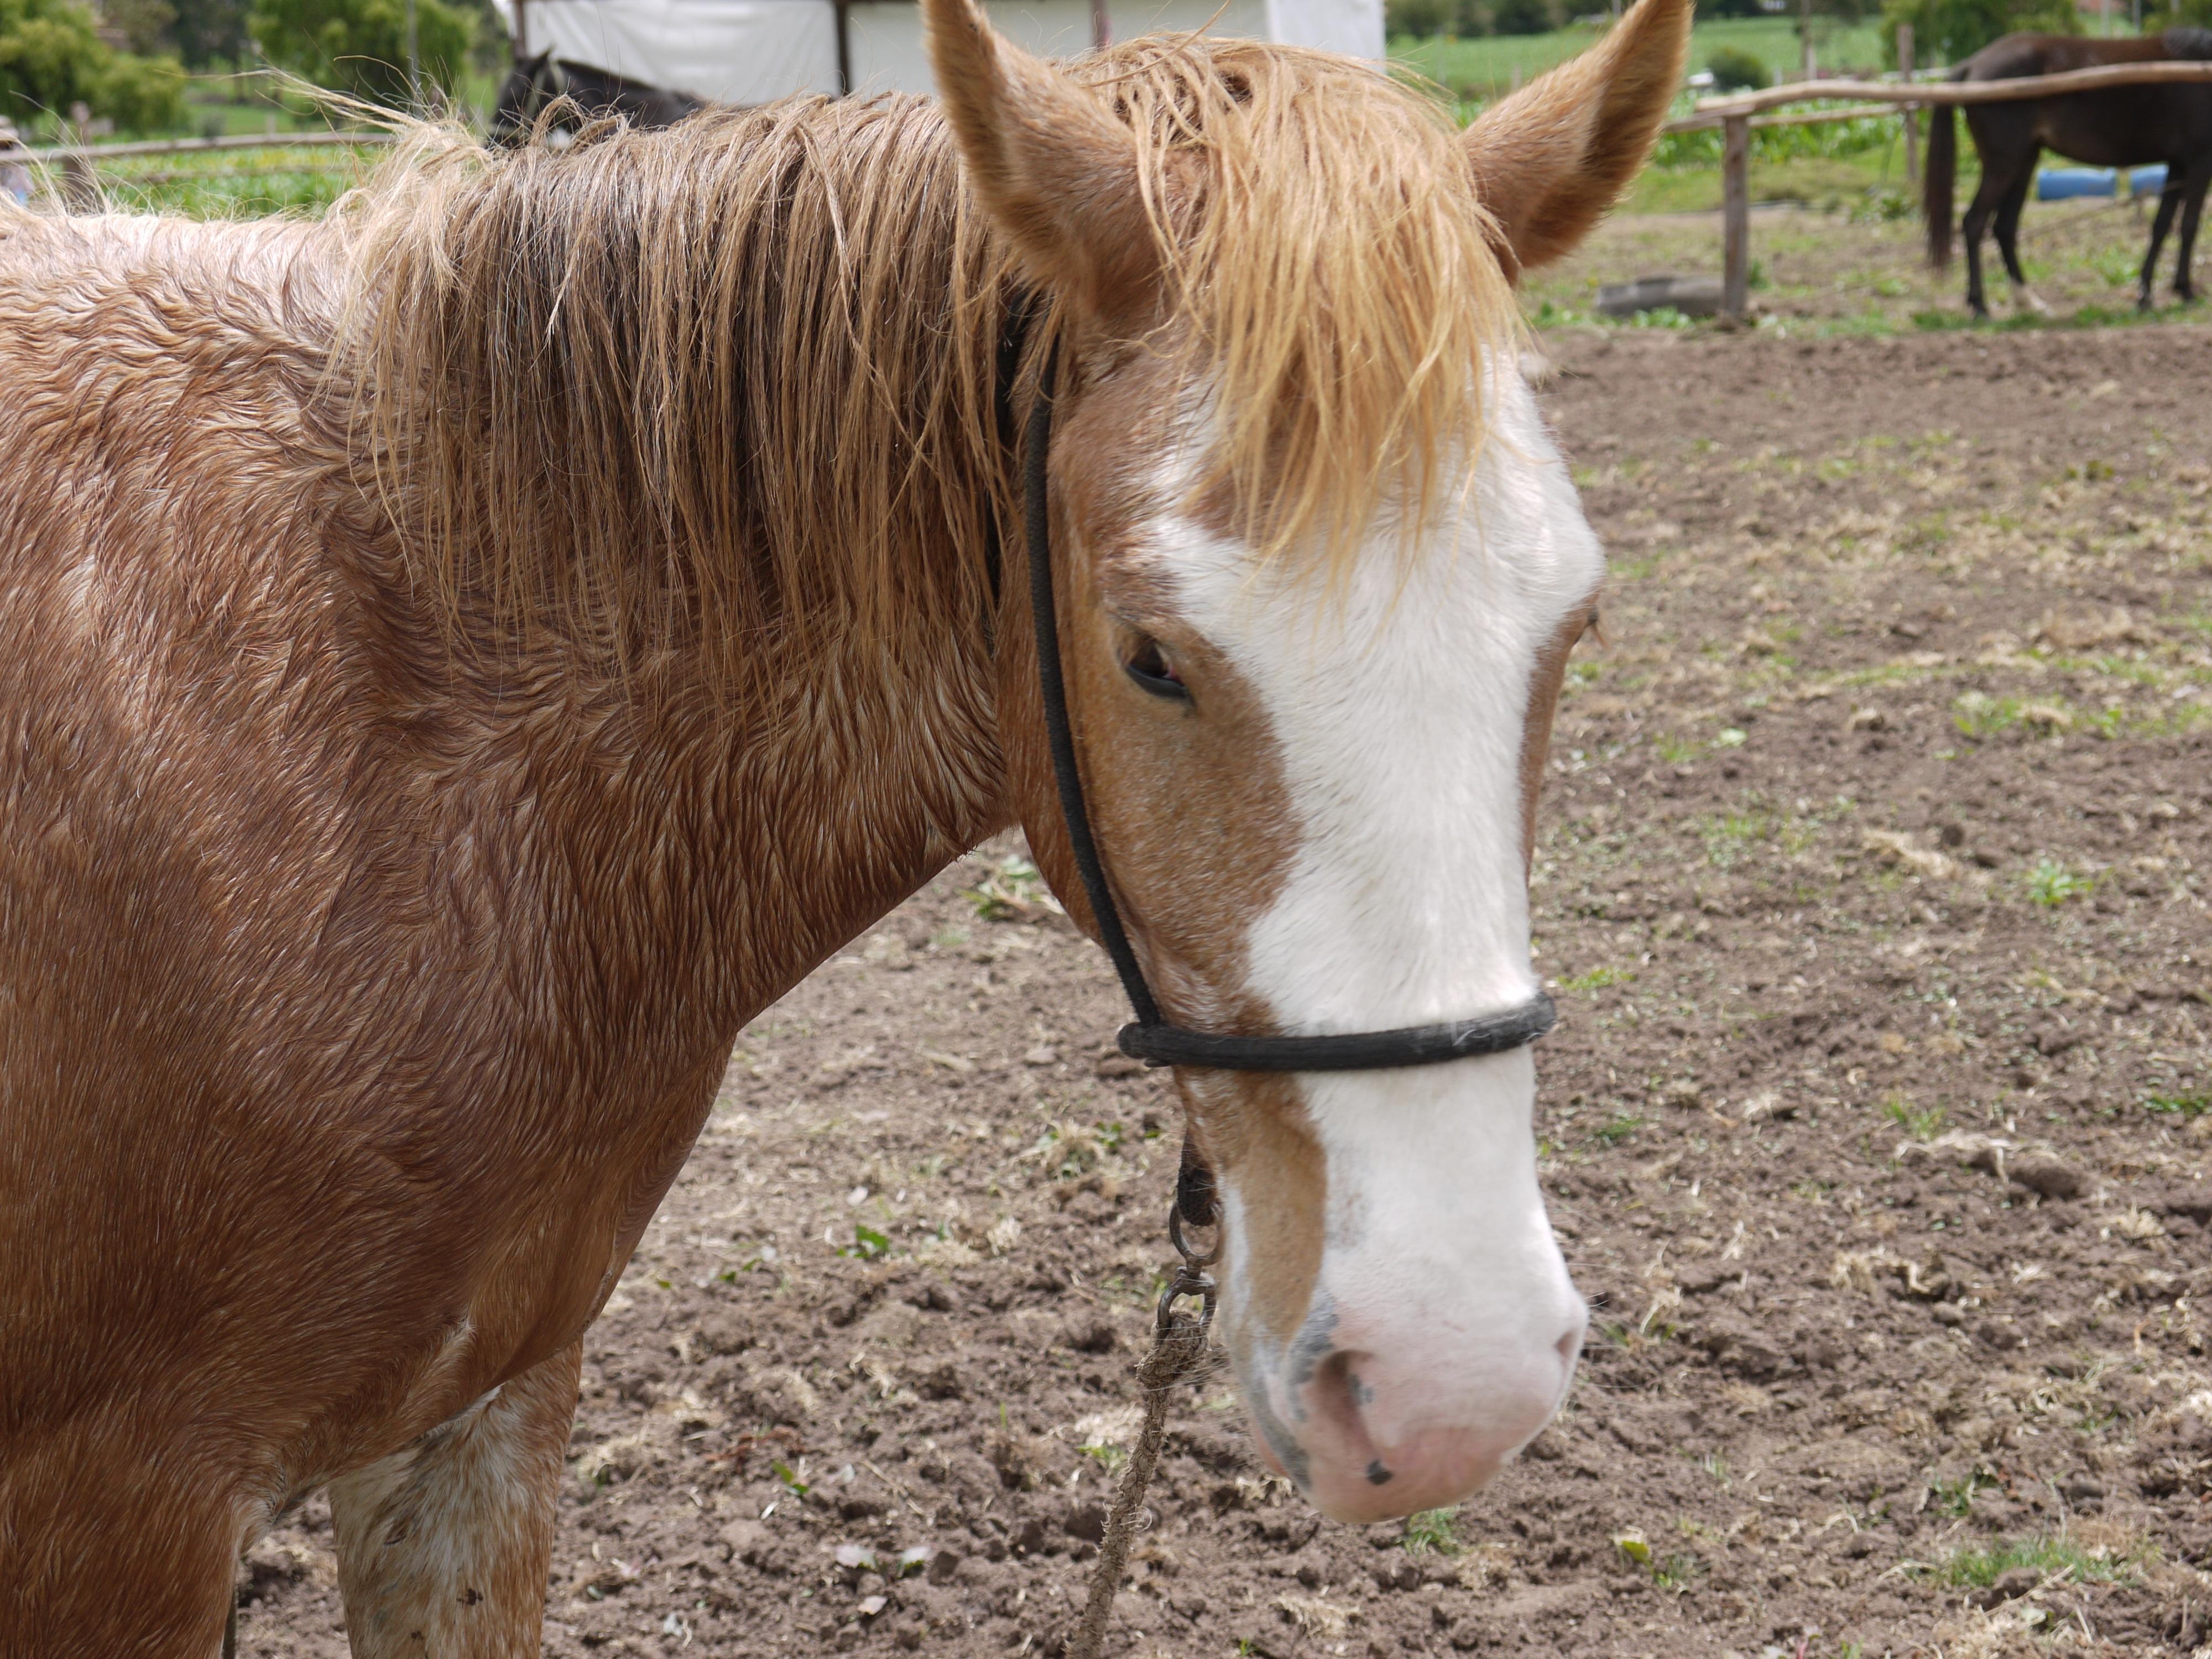 Recused Horse at Peru Horse Sanctuary